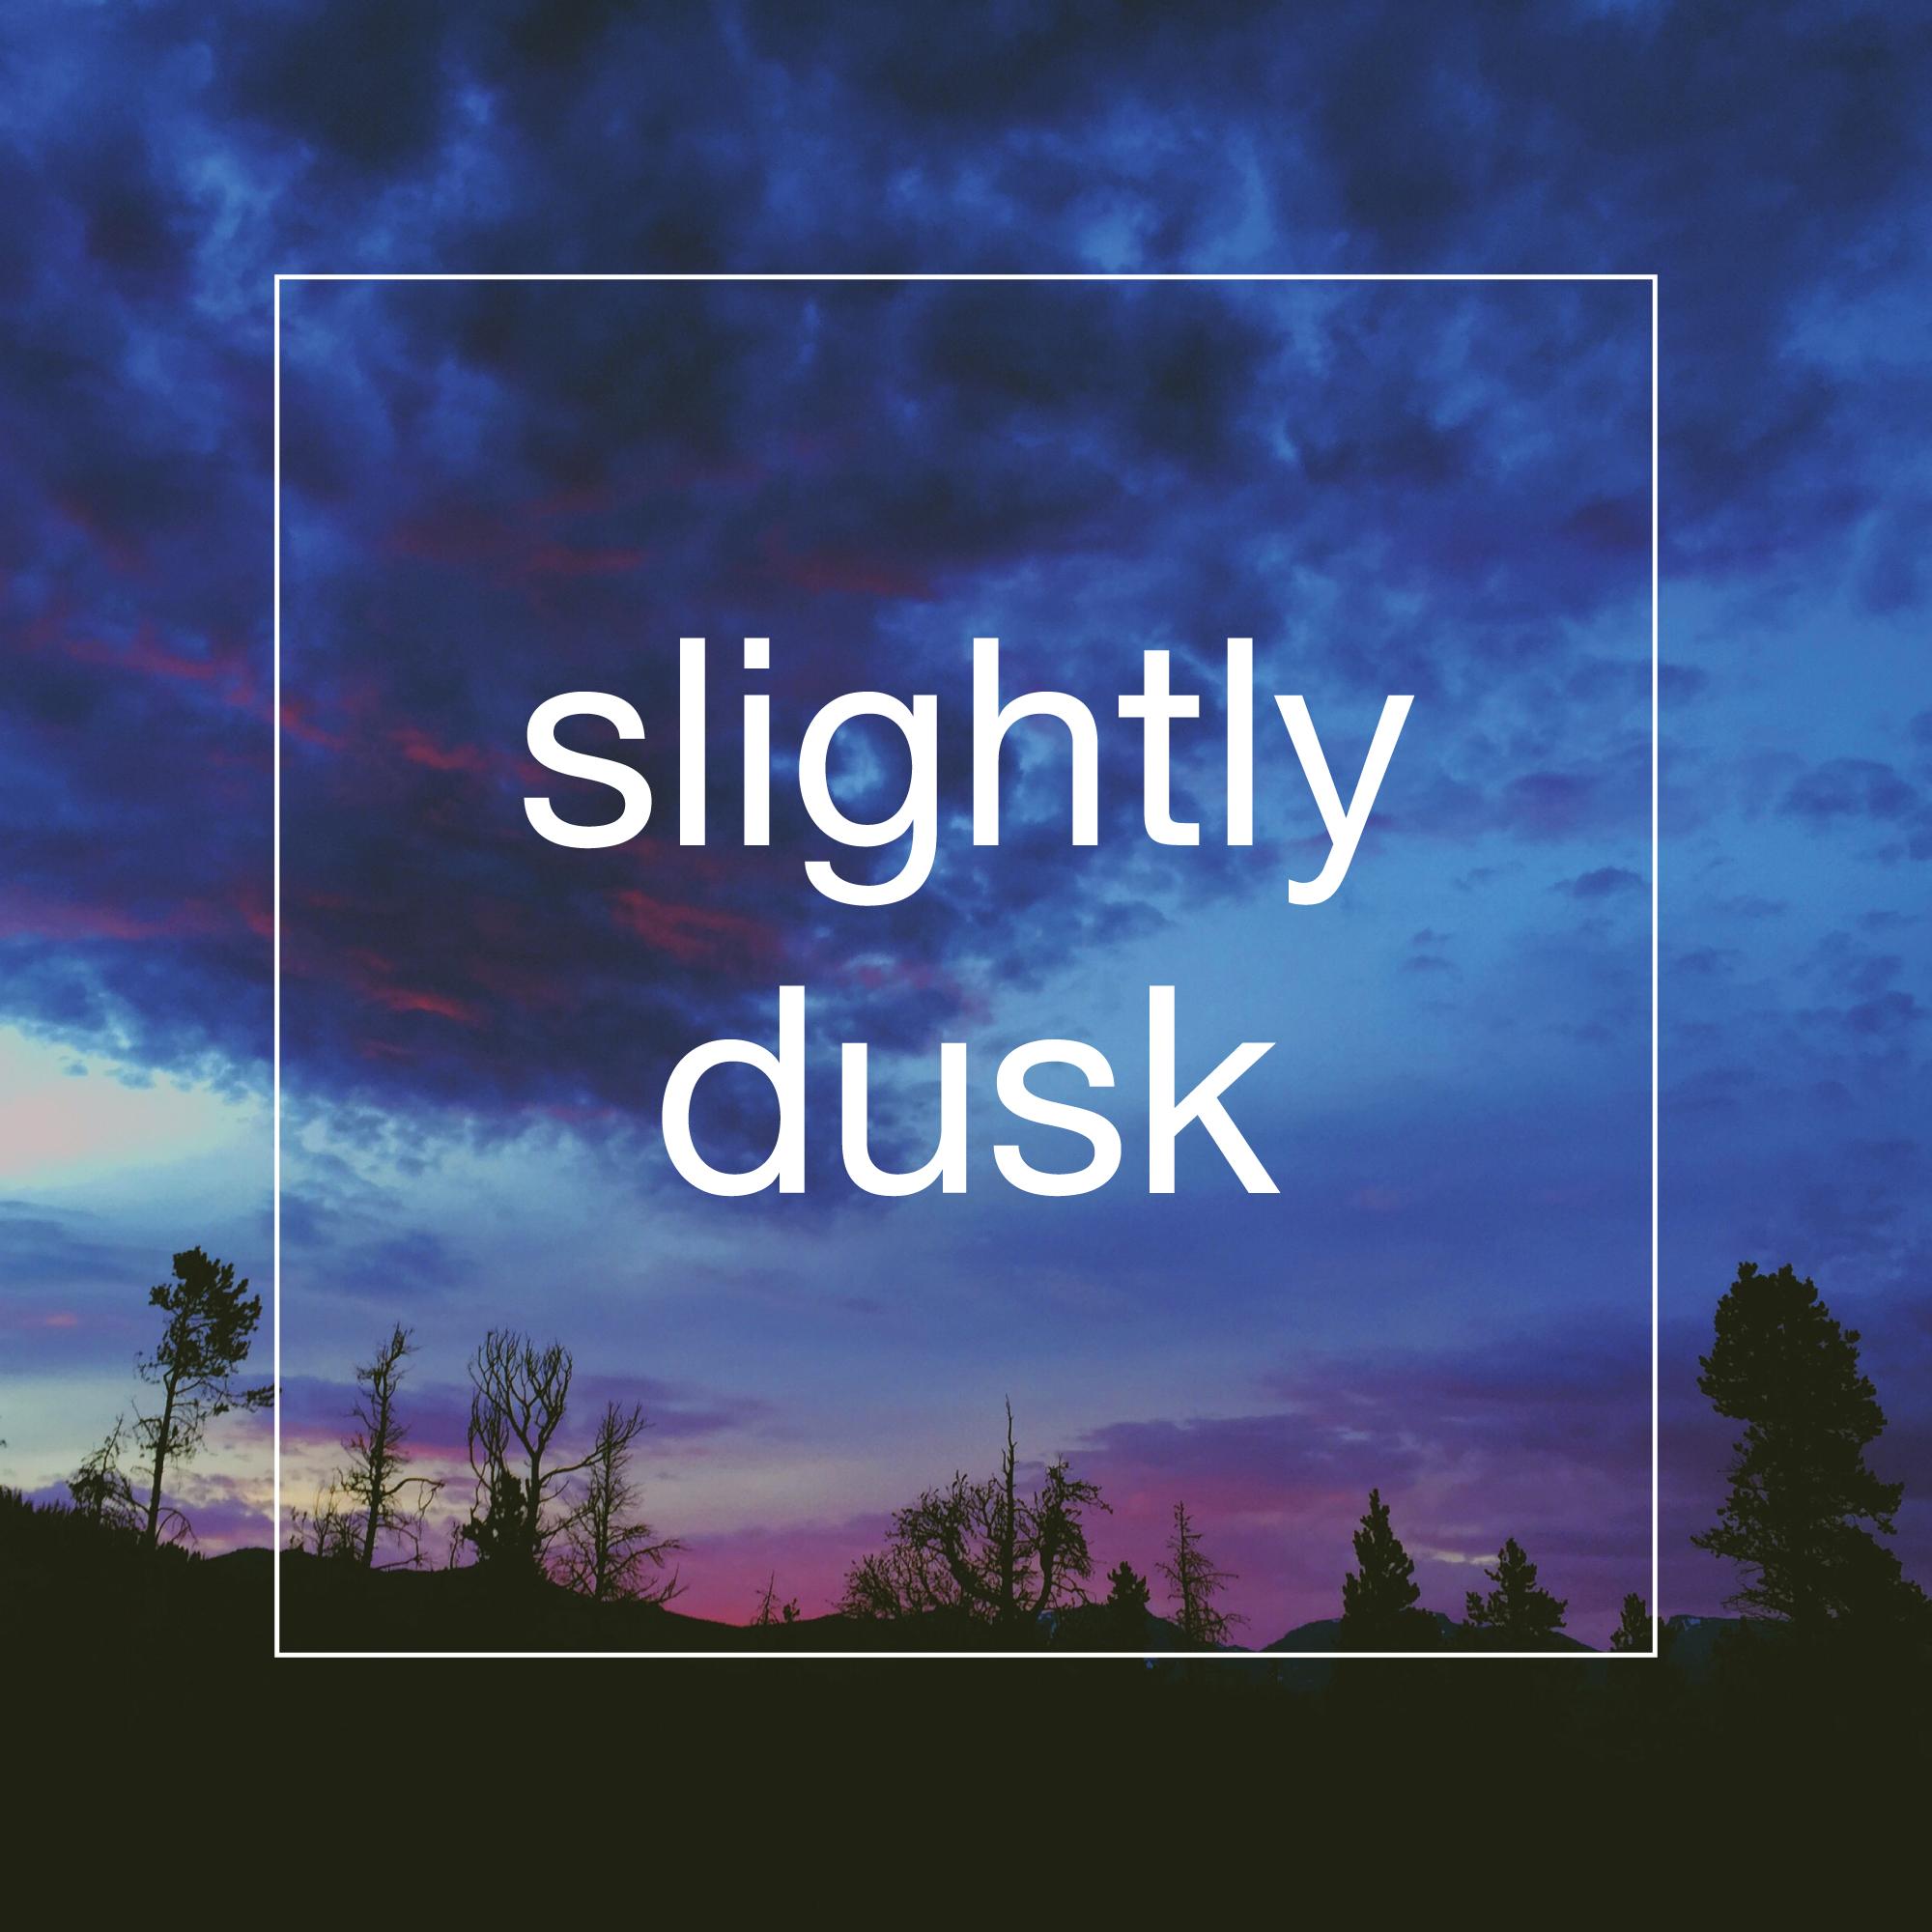 Slightly Dusk  /  Single  / November 4, 2015